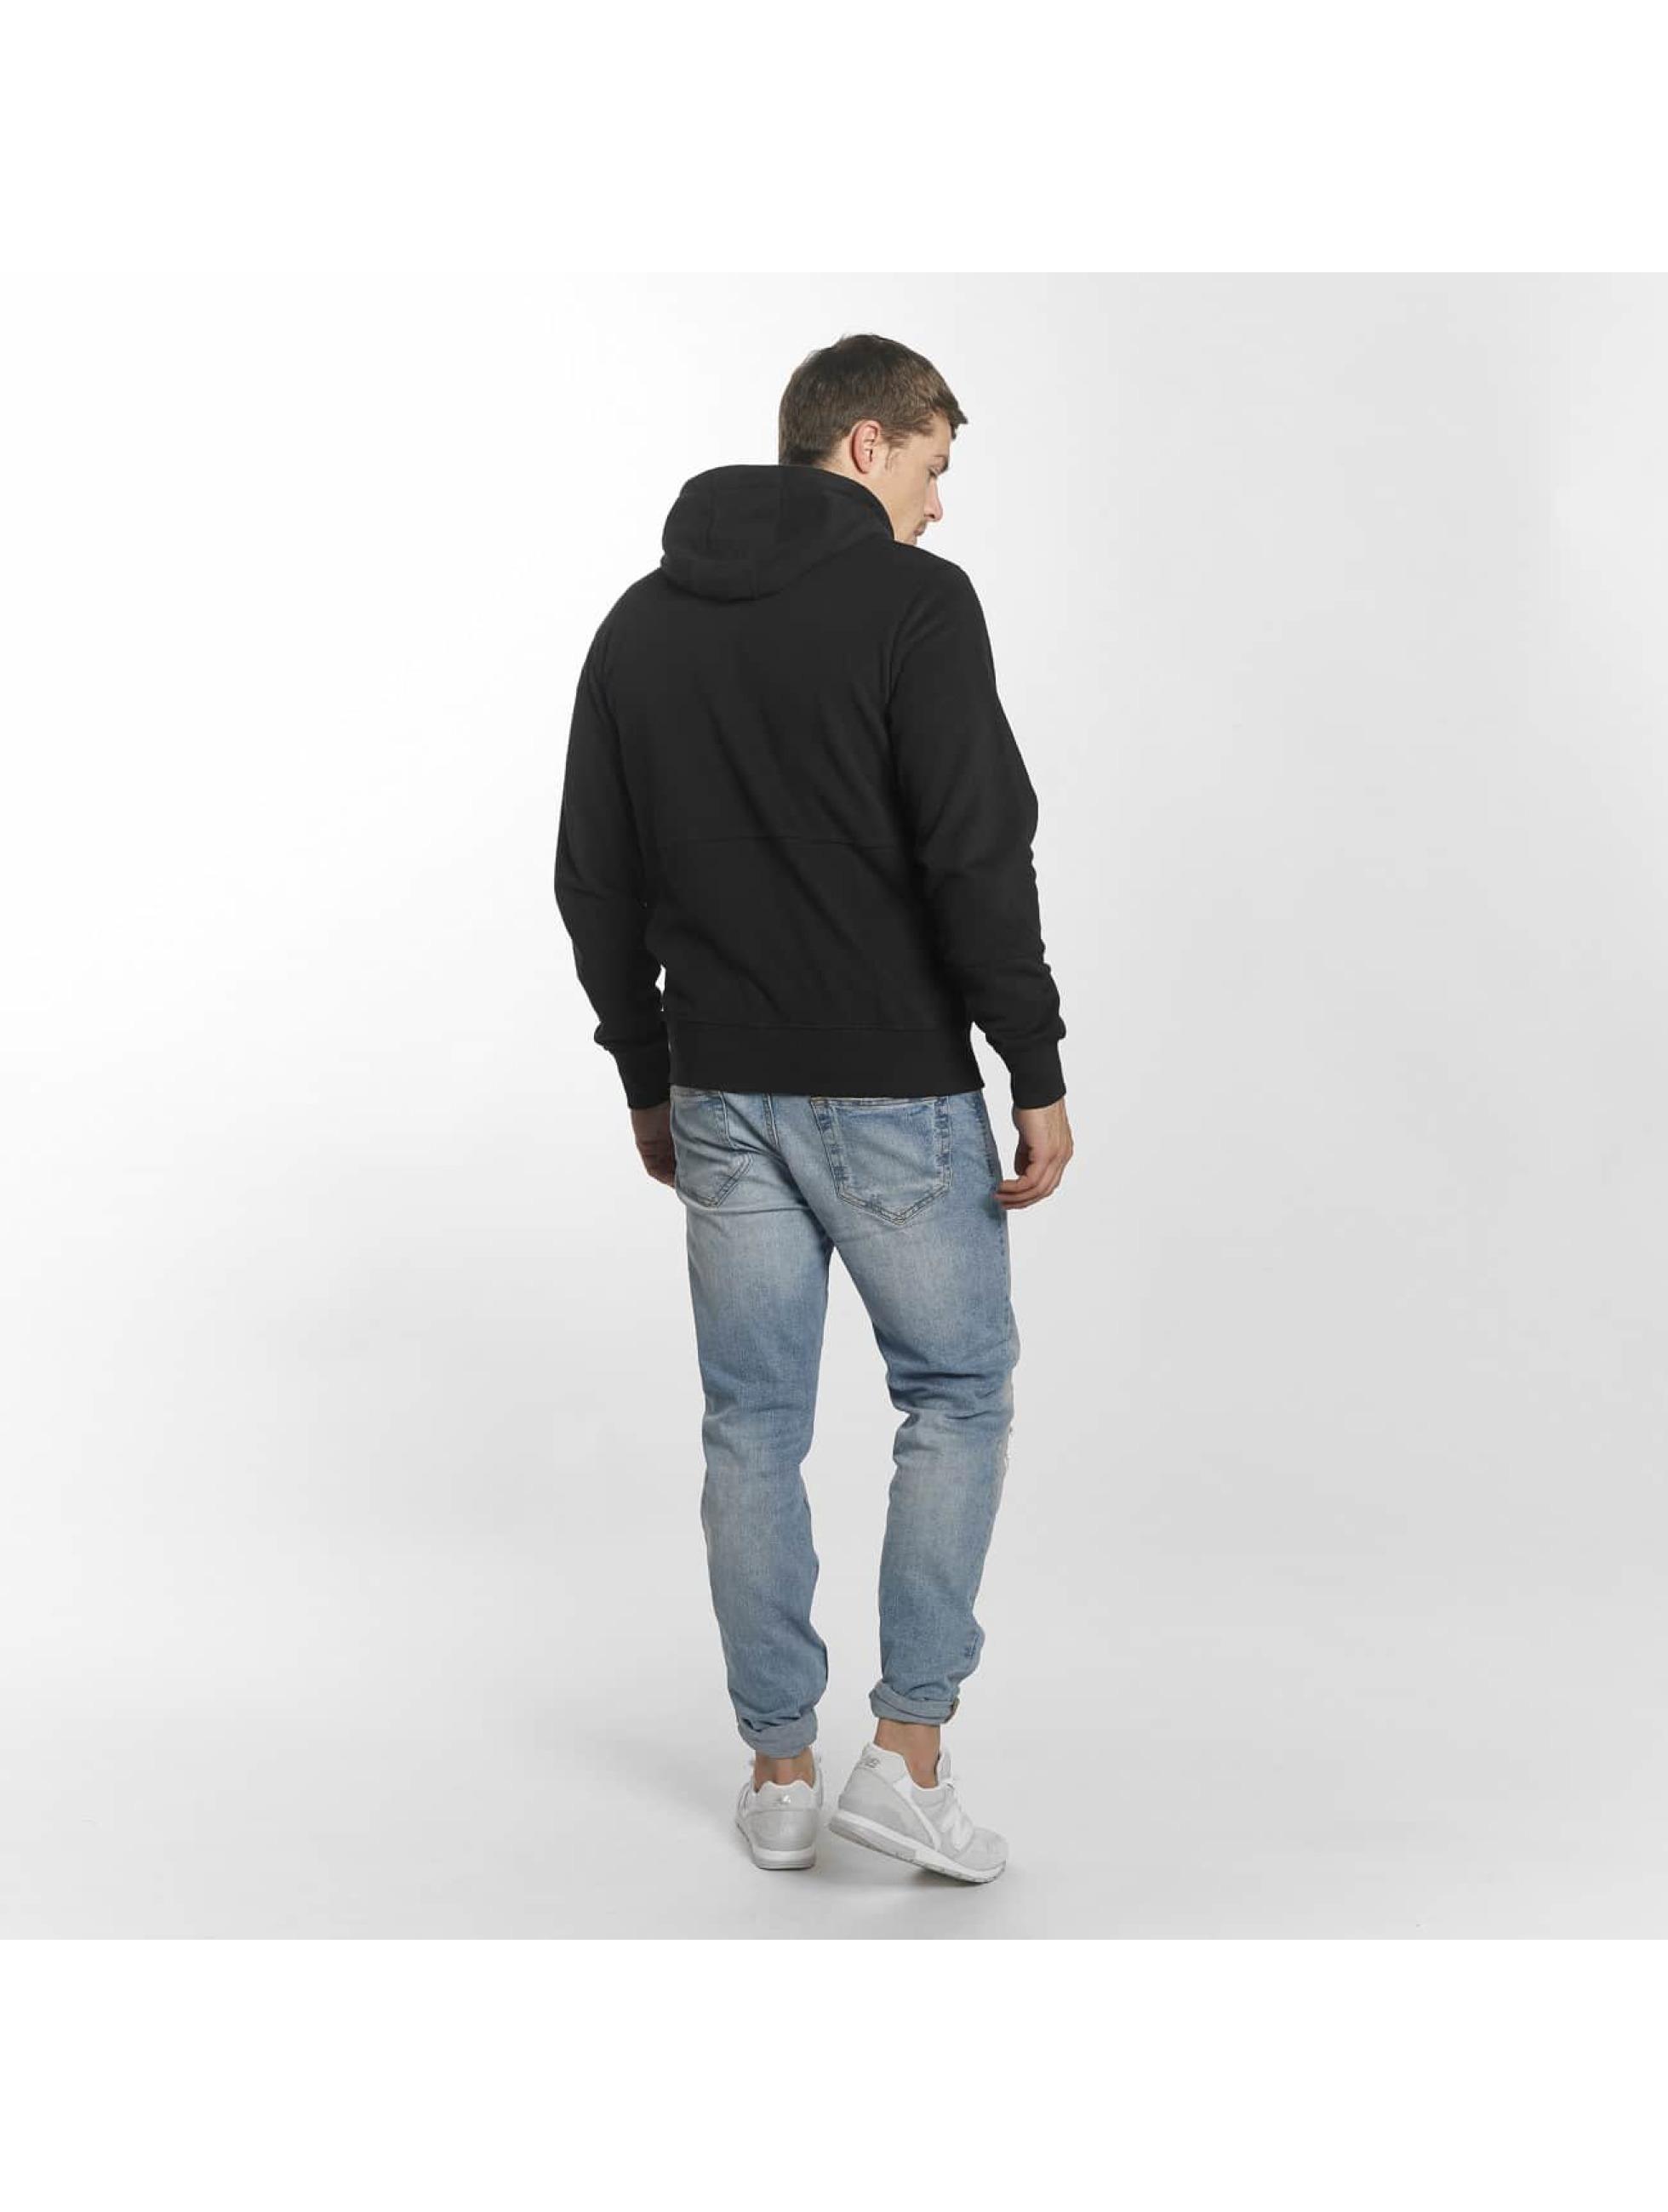 New Balance Sweat capuche zippé MJ81508 noir